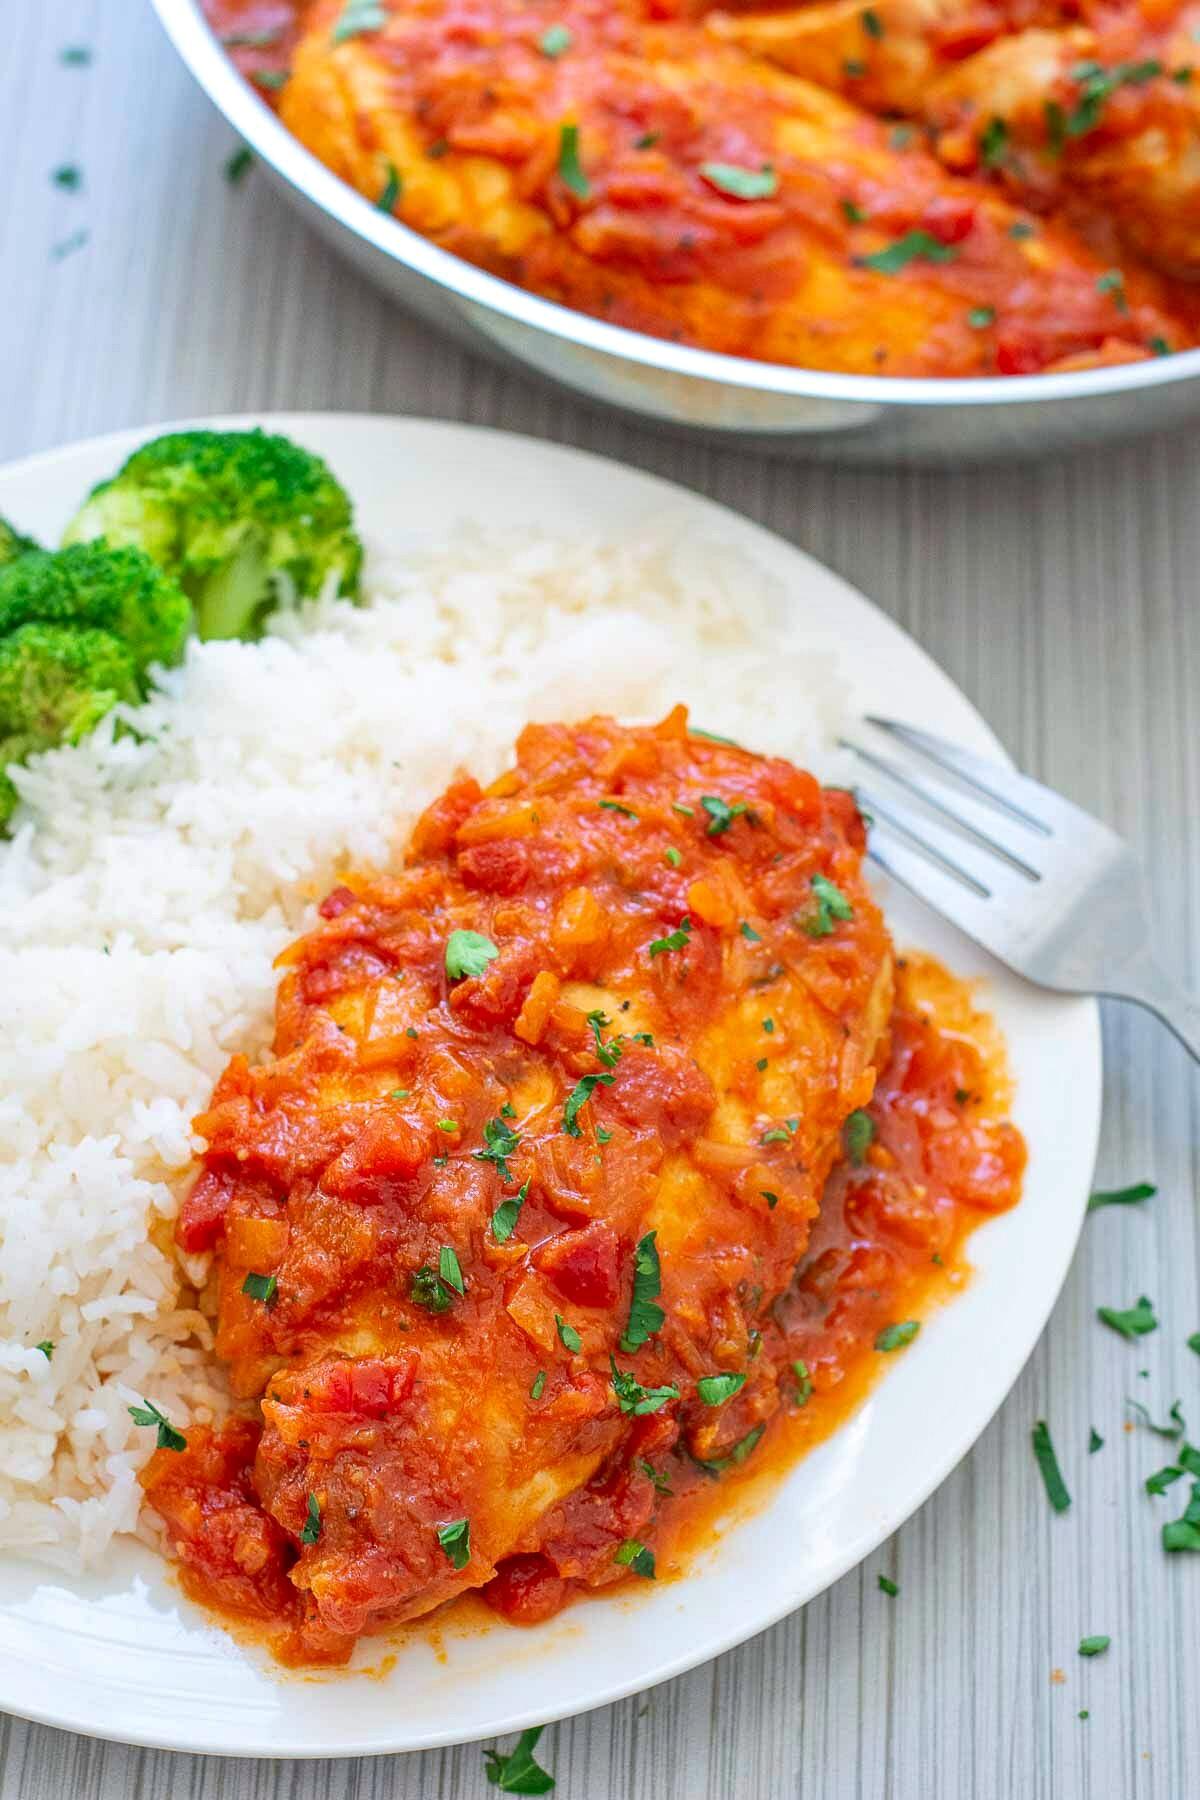 Skillet Tomato Dinner